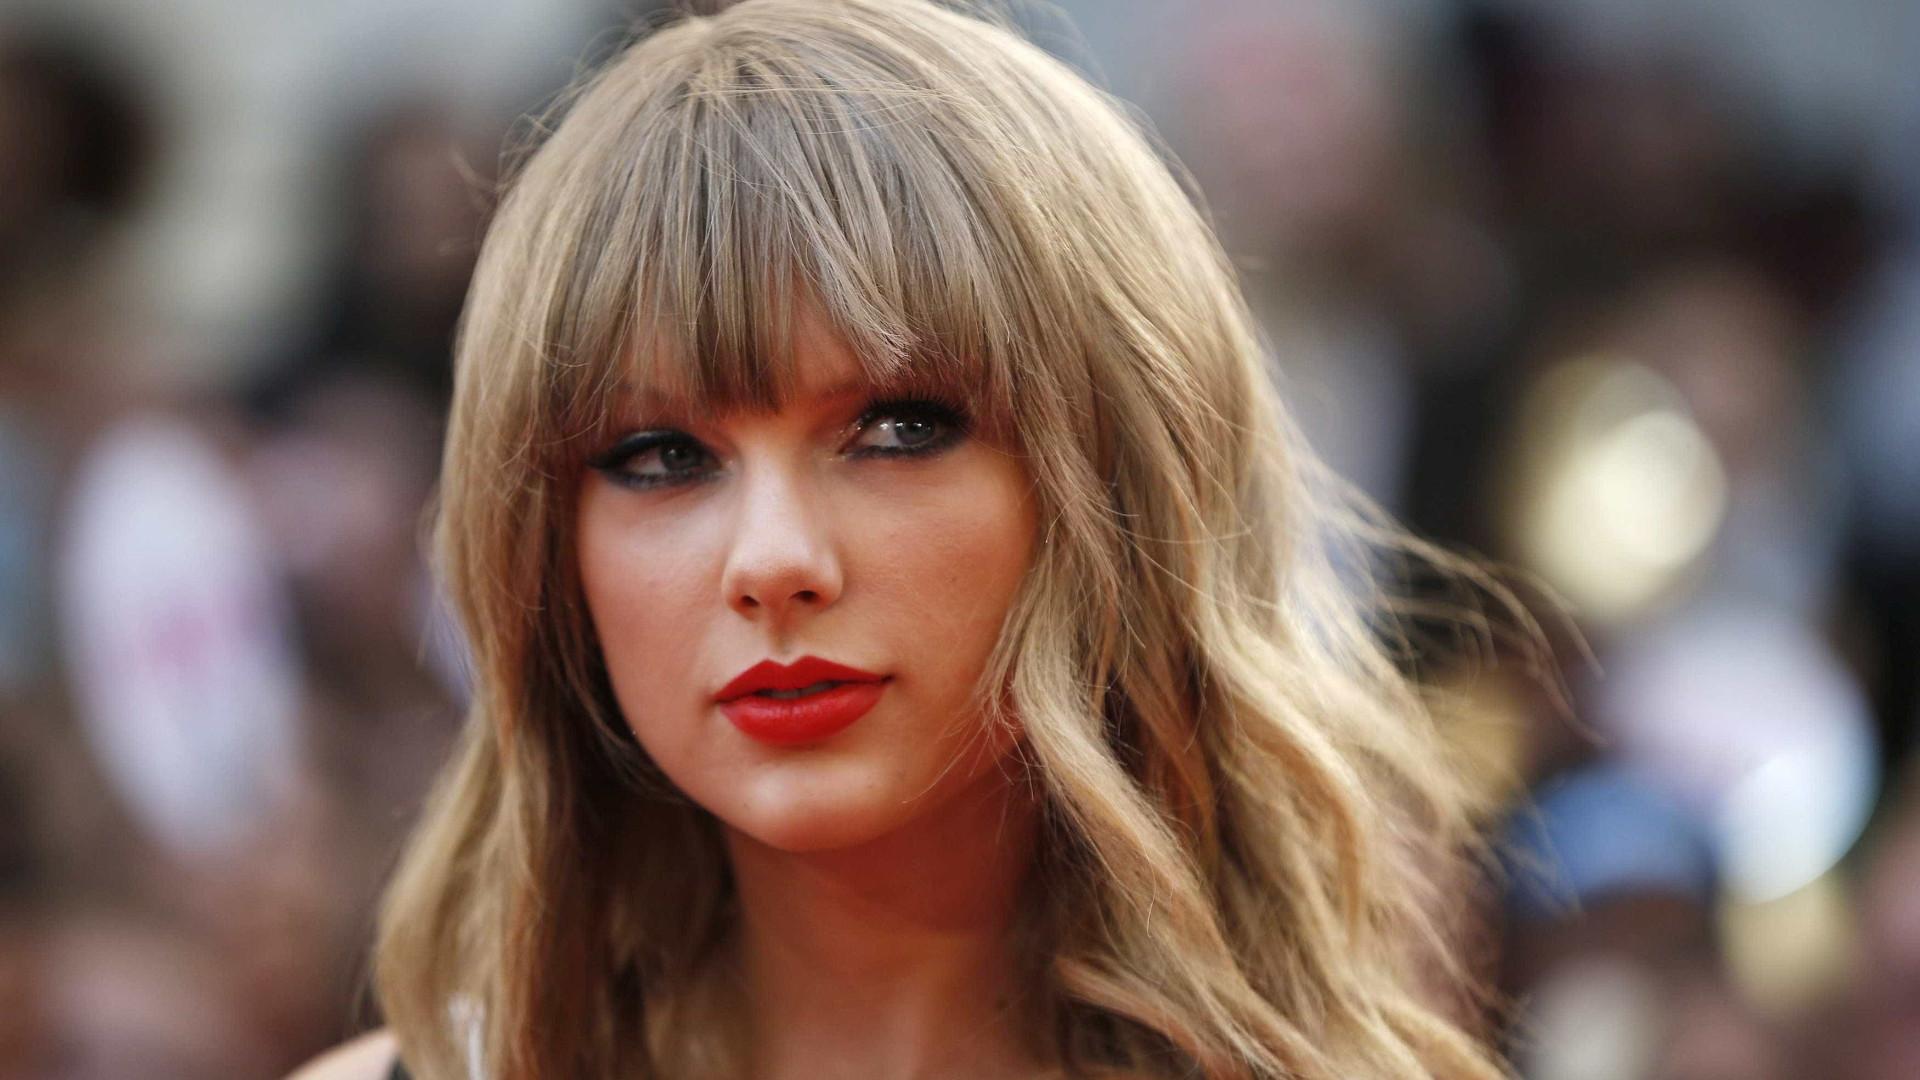 Após denuncia de plágio, Taylor Swift muda logo de novo álbum, Folklore